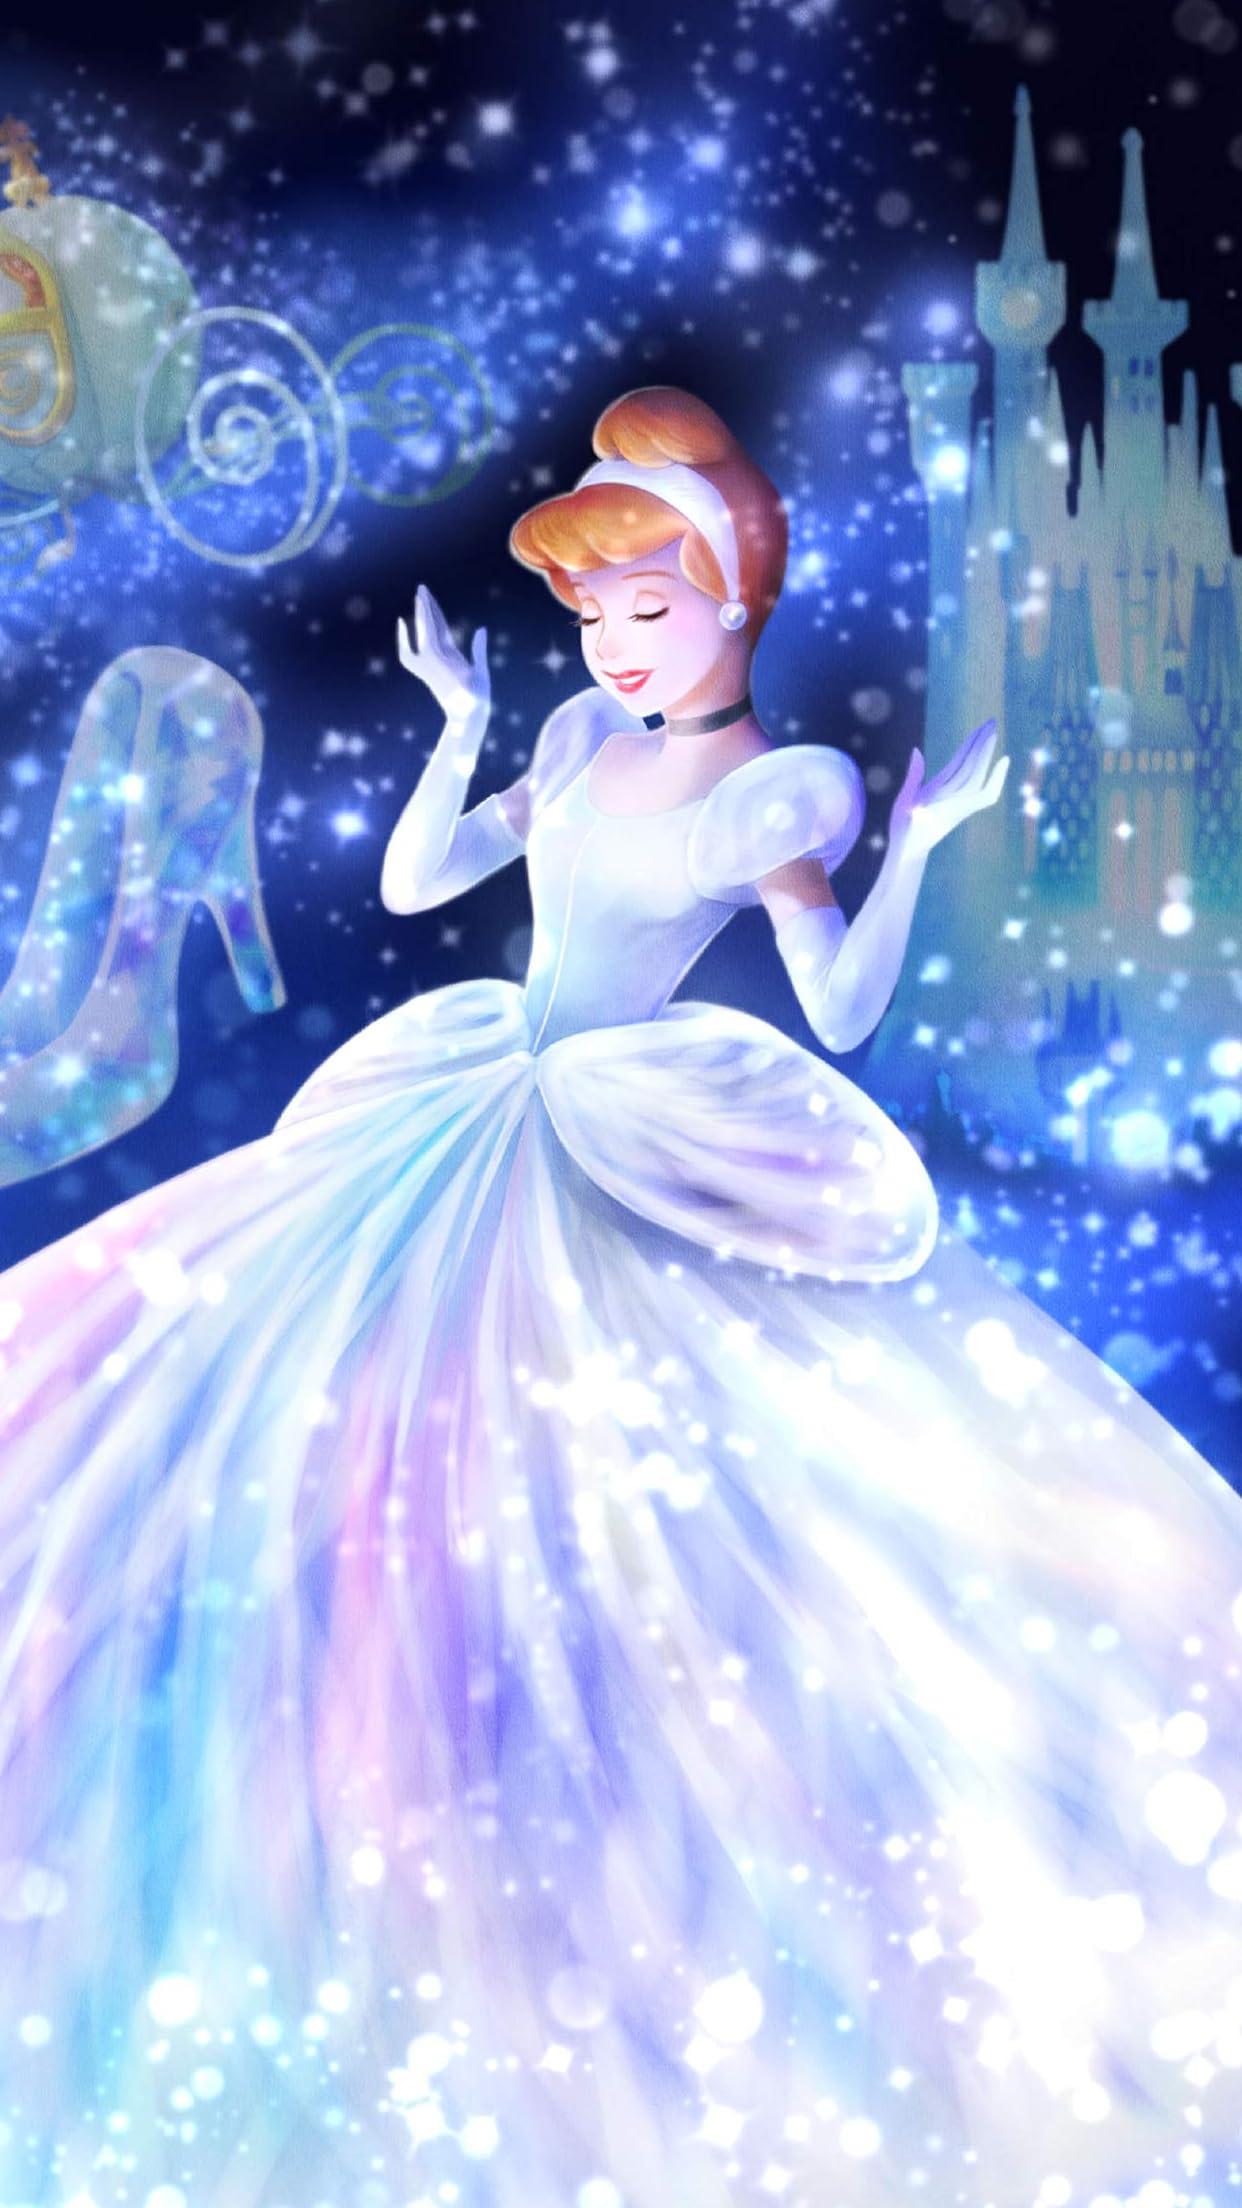 ディズニー 魔法の光に包まれて(シンデレラ)  iPhone8,7,6 Plus 壁紙(1242×2208)画像